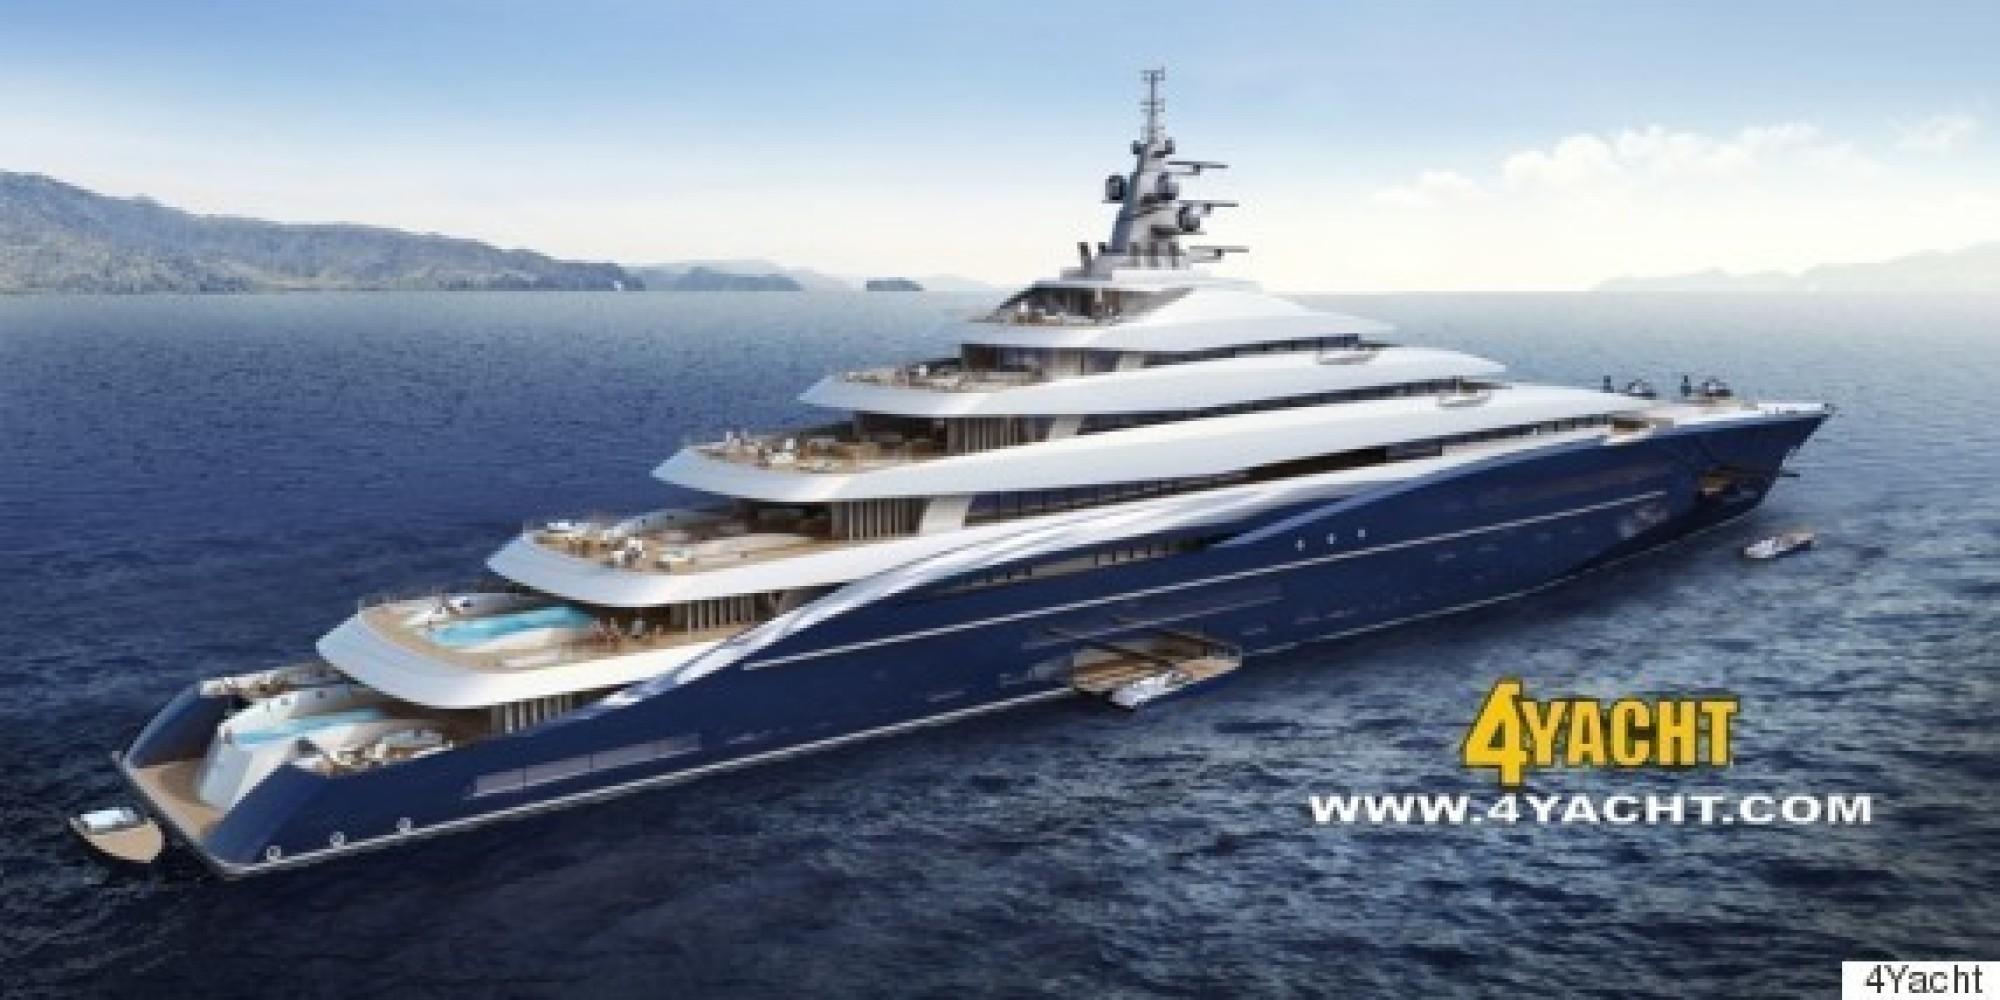 Le Plus Gros Yacht Du Monde En Vente Pour 700 Millions D 39 Euros